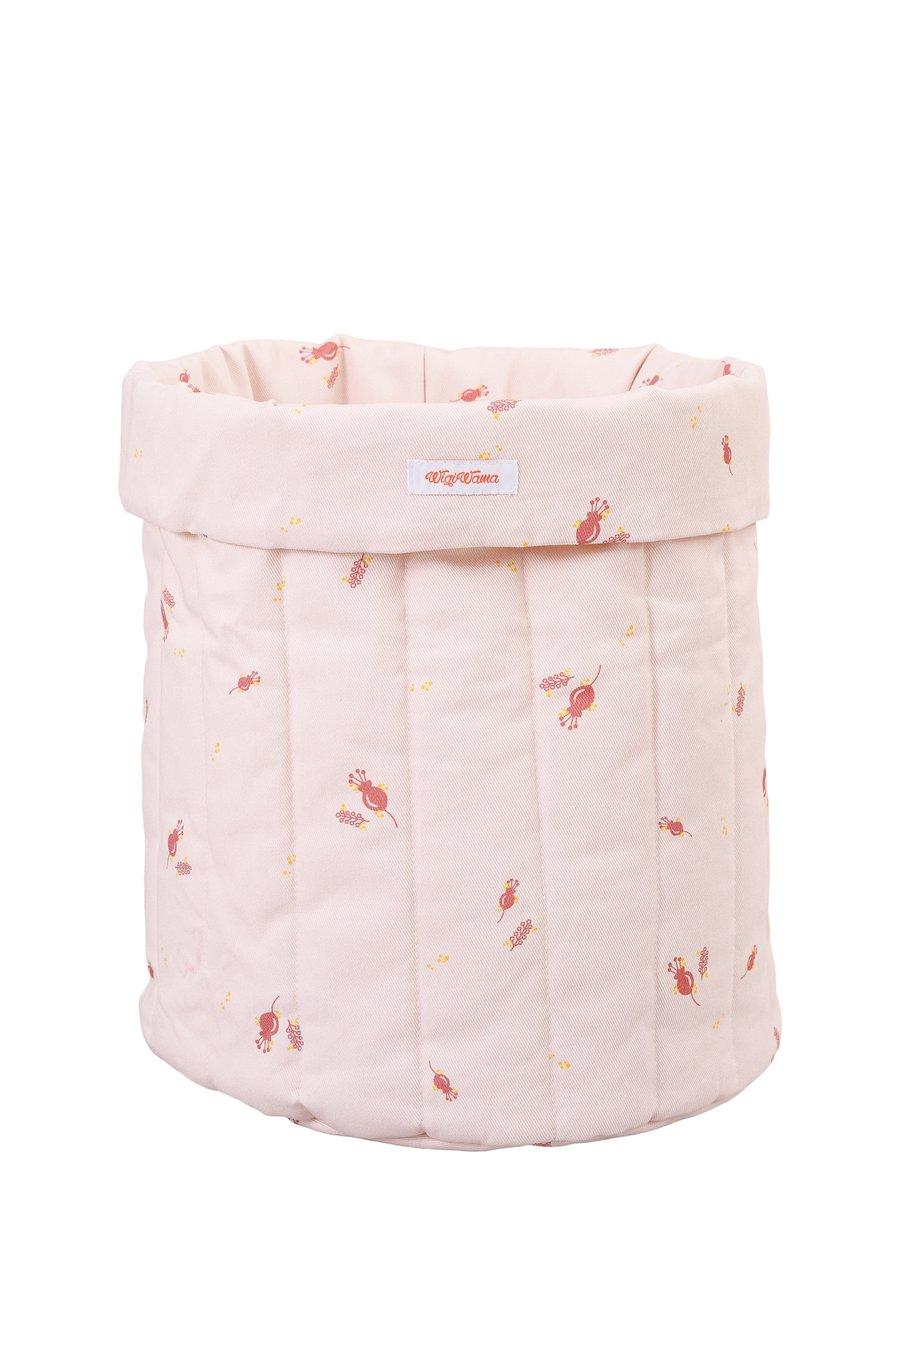 wigiwama - ROSE TOY BAG LARGE